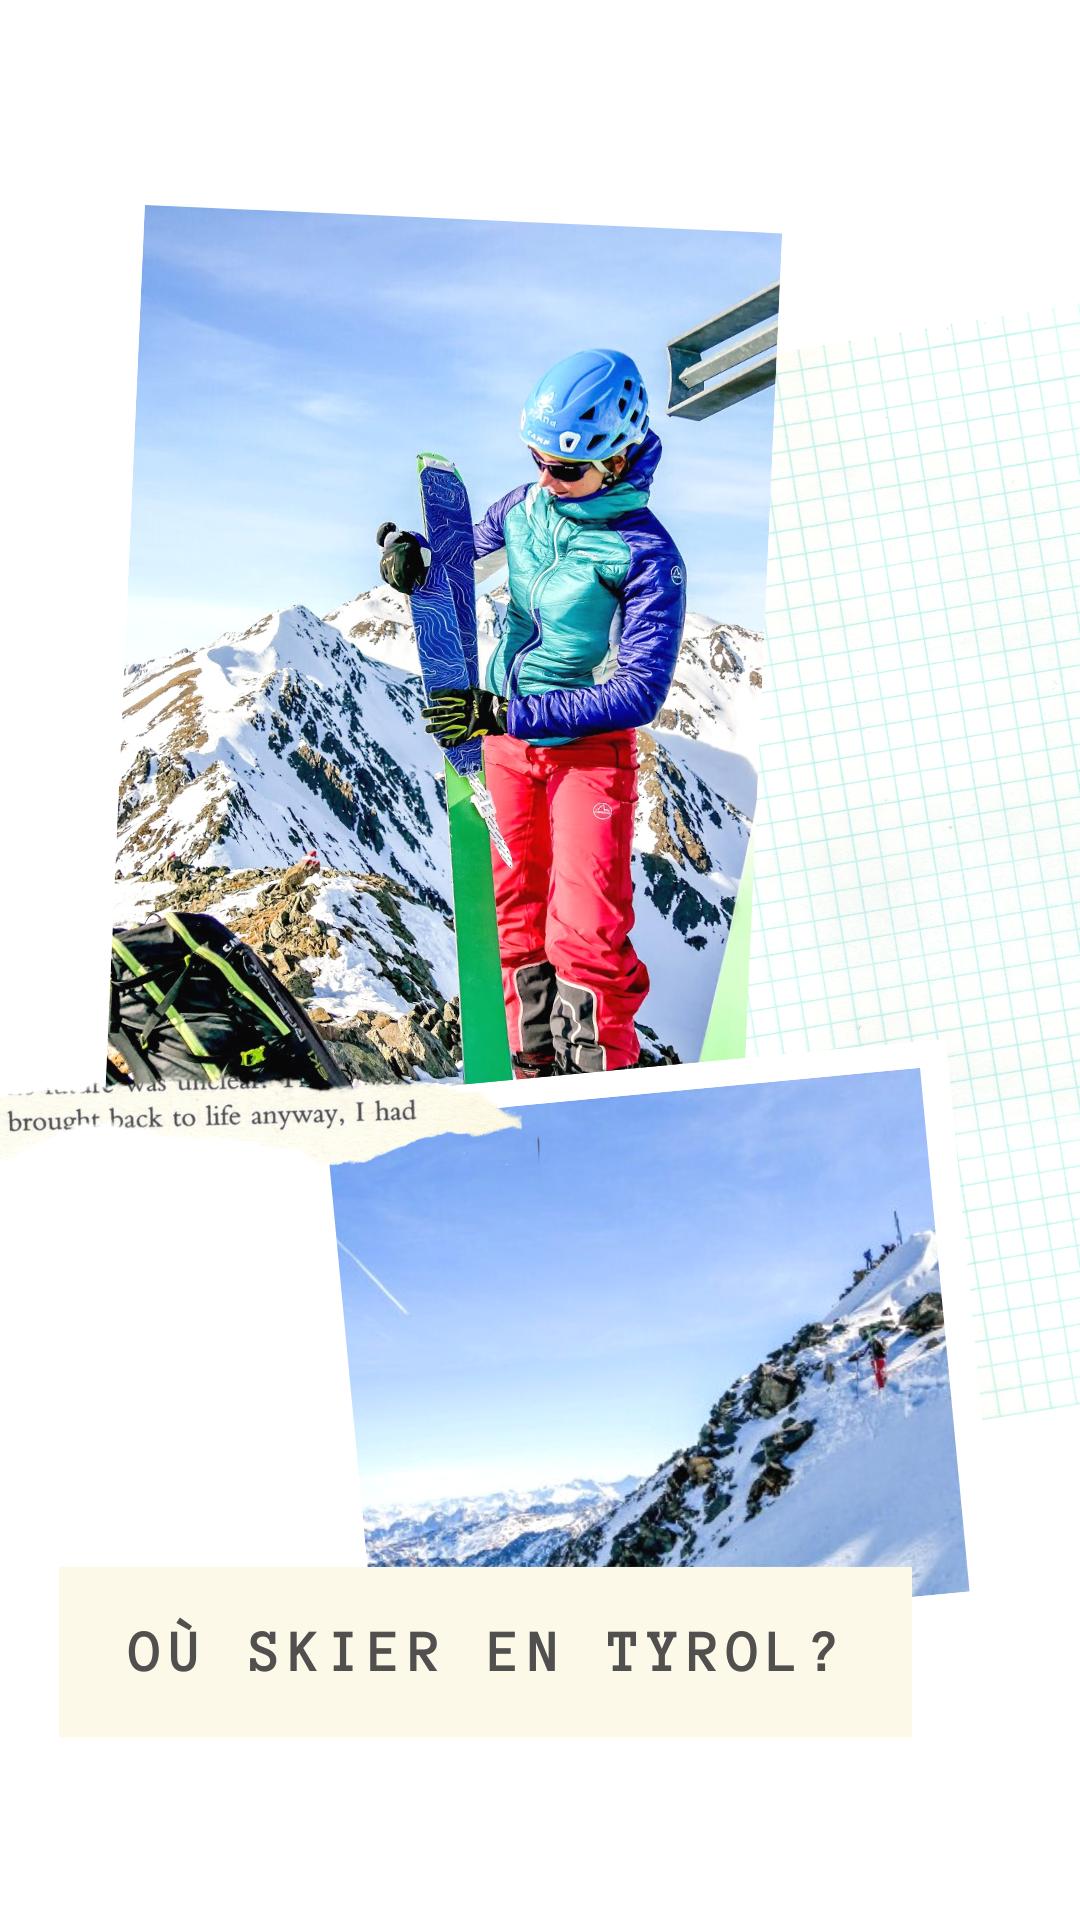 Ou skier en Tyrol ski de randon Autriche stubai raid a ski